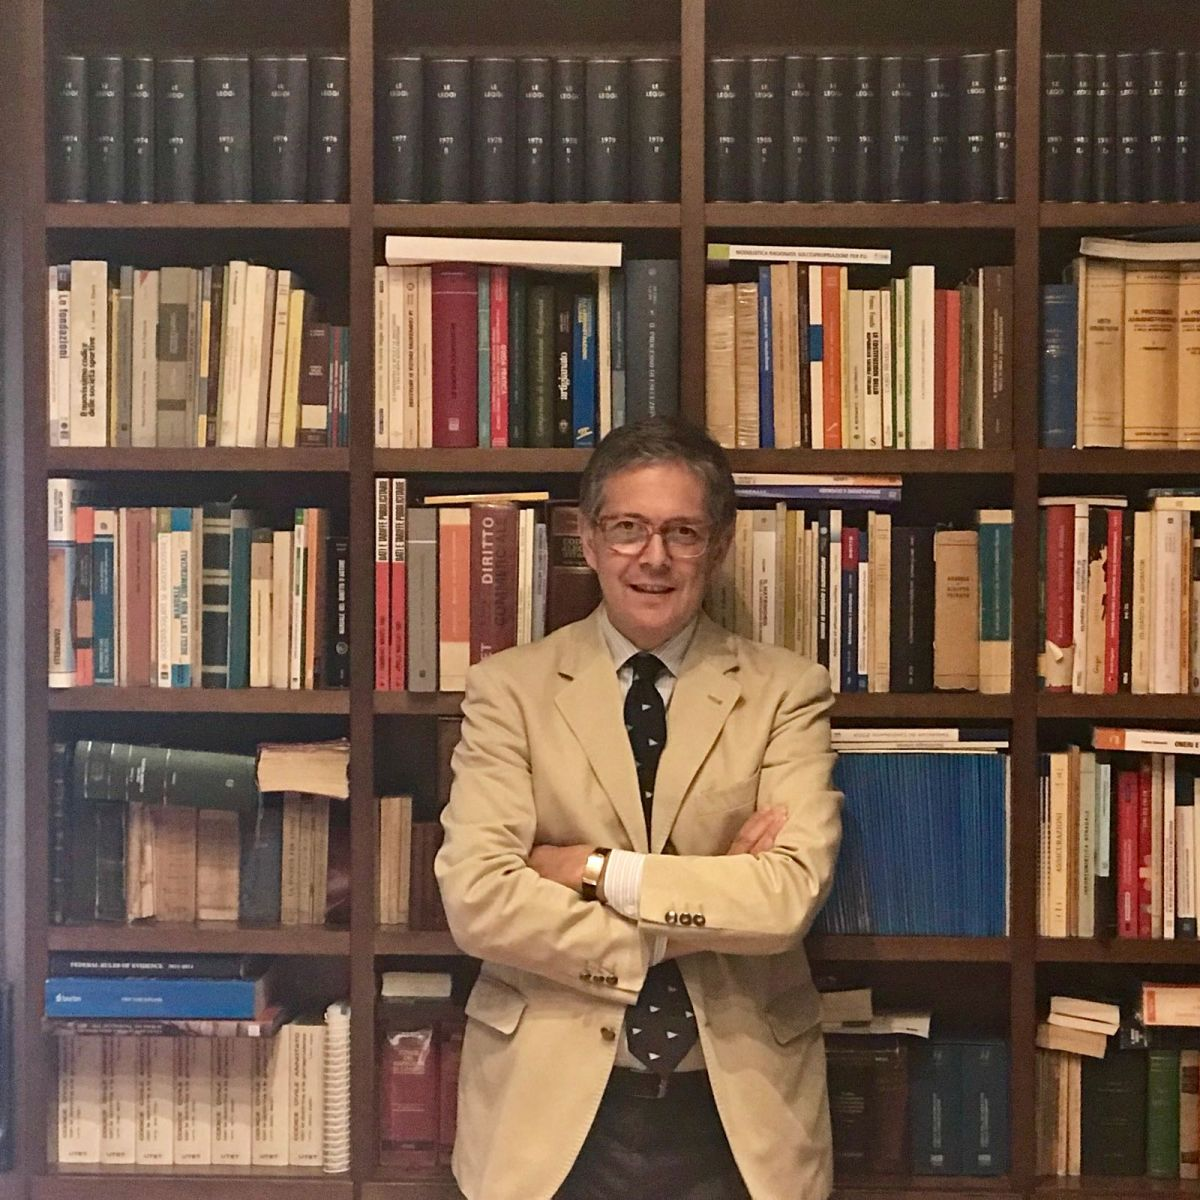 avv. Simone Trivelli, avv. Romolo Reboa, avv. Reboa, Romolo Reboa, Reboa, Romolo, Ingiustizia la PAROLA al POPOLO, la PAROLA al POPOLO